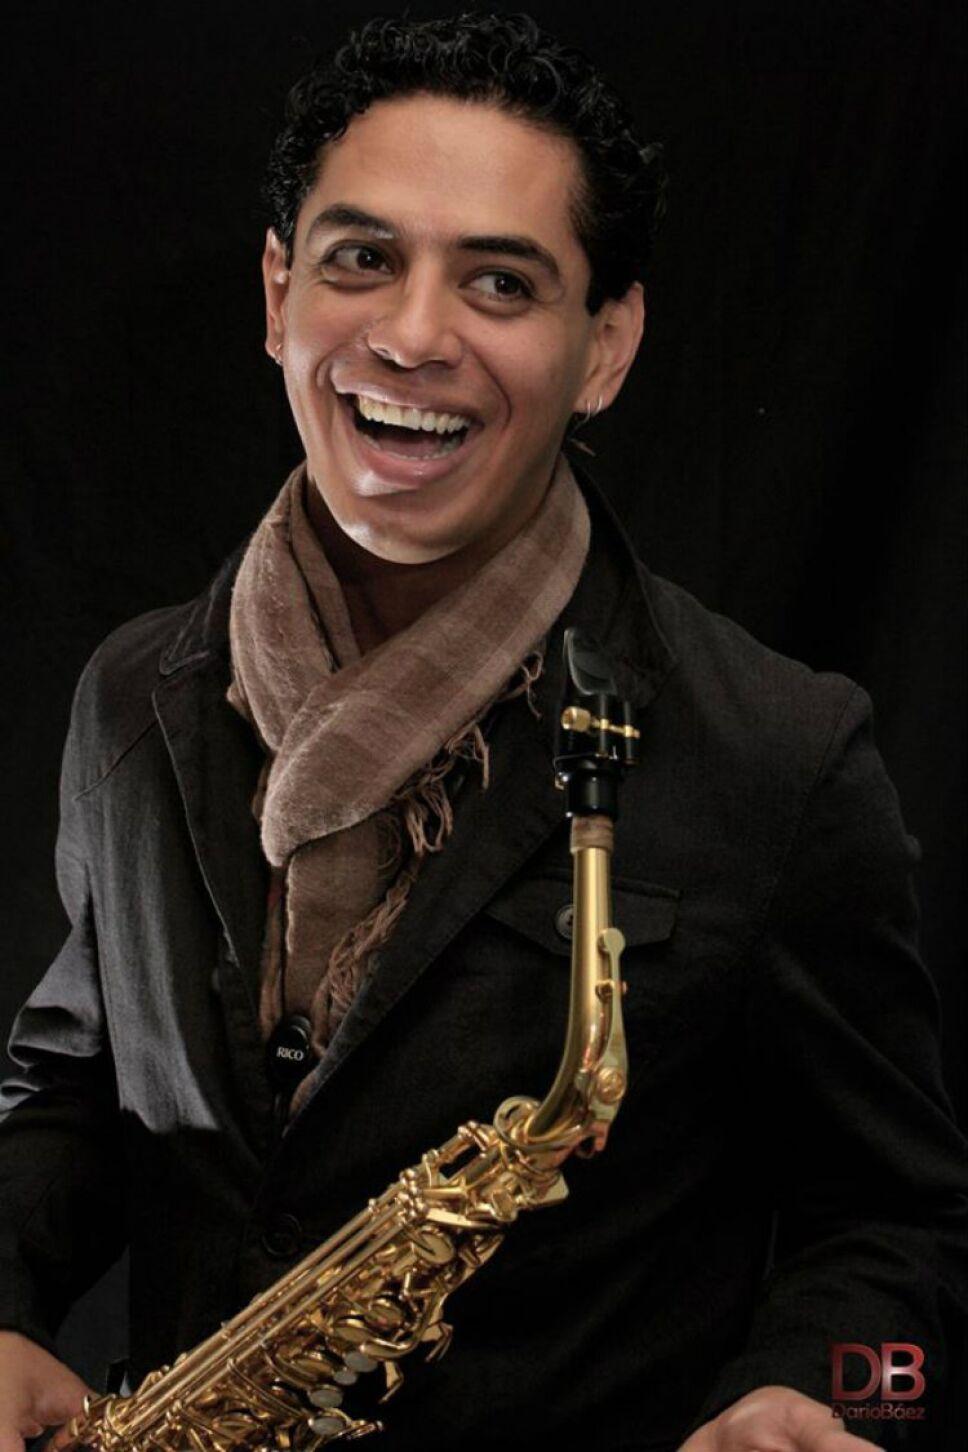 Pavel Loaria dirige la primer Big Band de niños y jóvenes en México